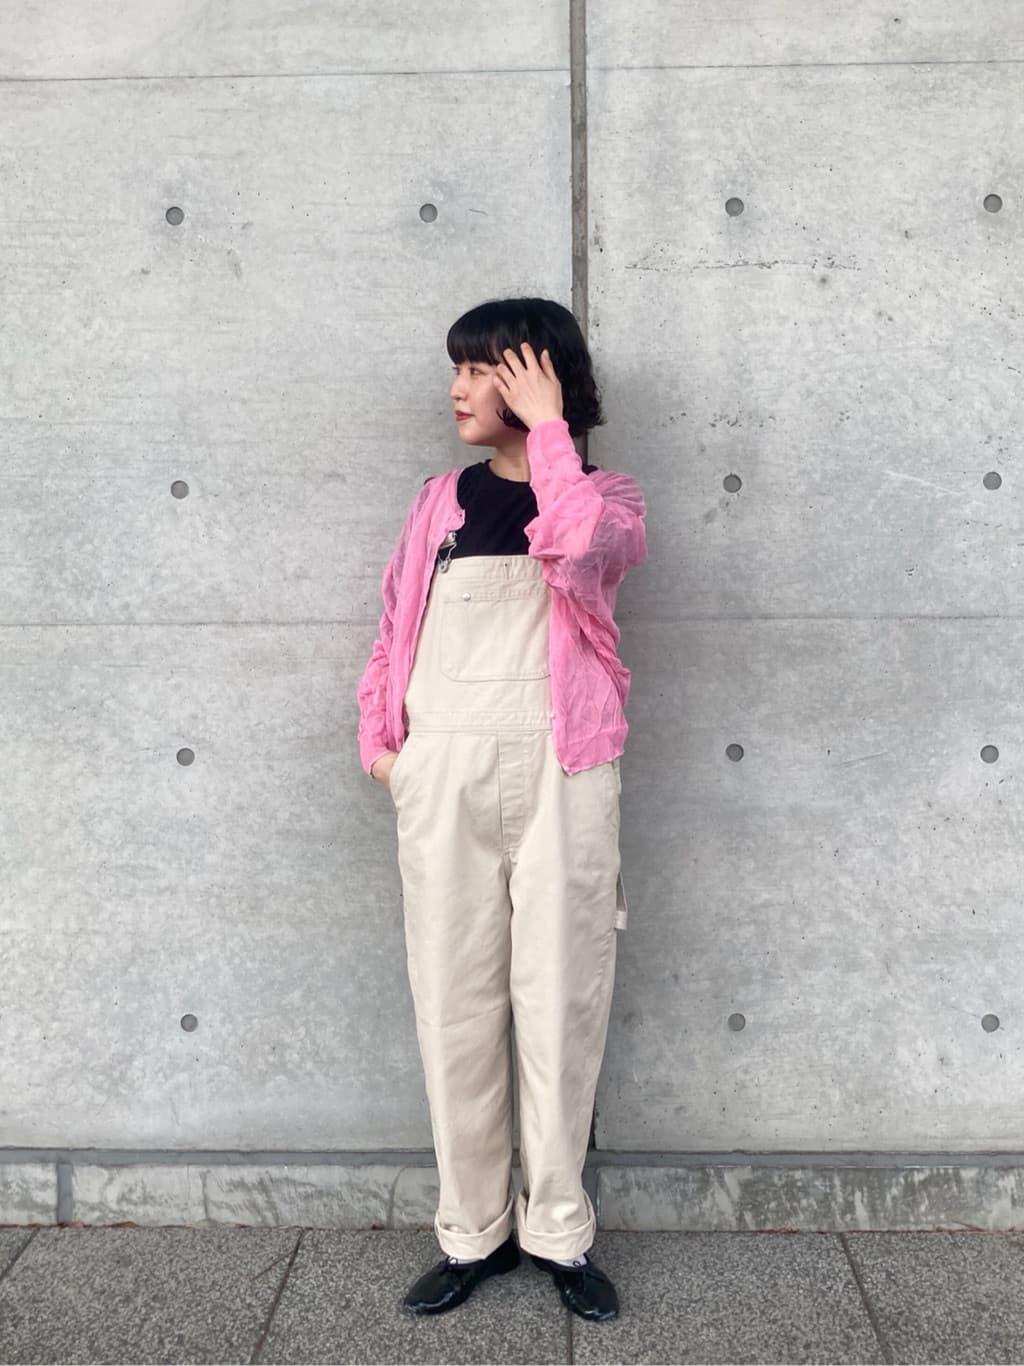 l'atelier du savon 東京スカイツリータウン・ソラマチ 身長:152cm 2021.08.26